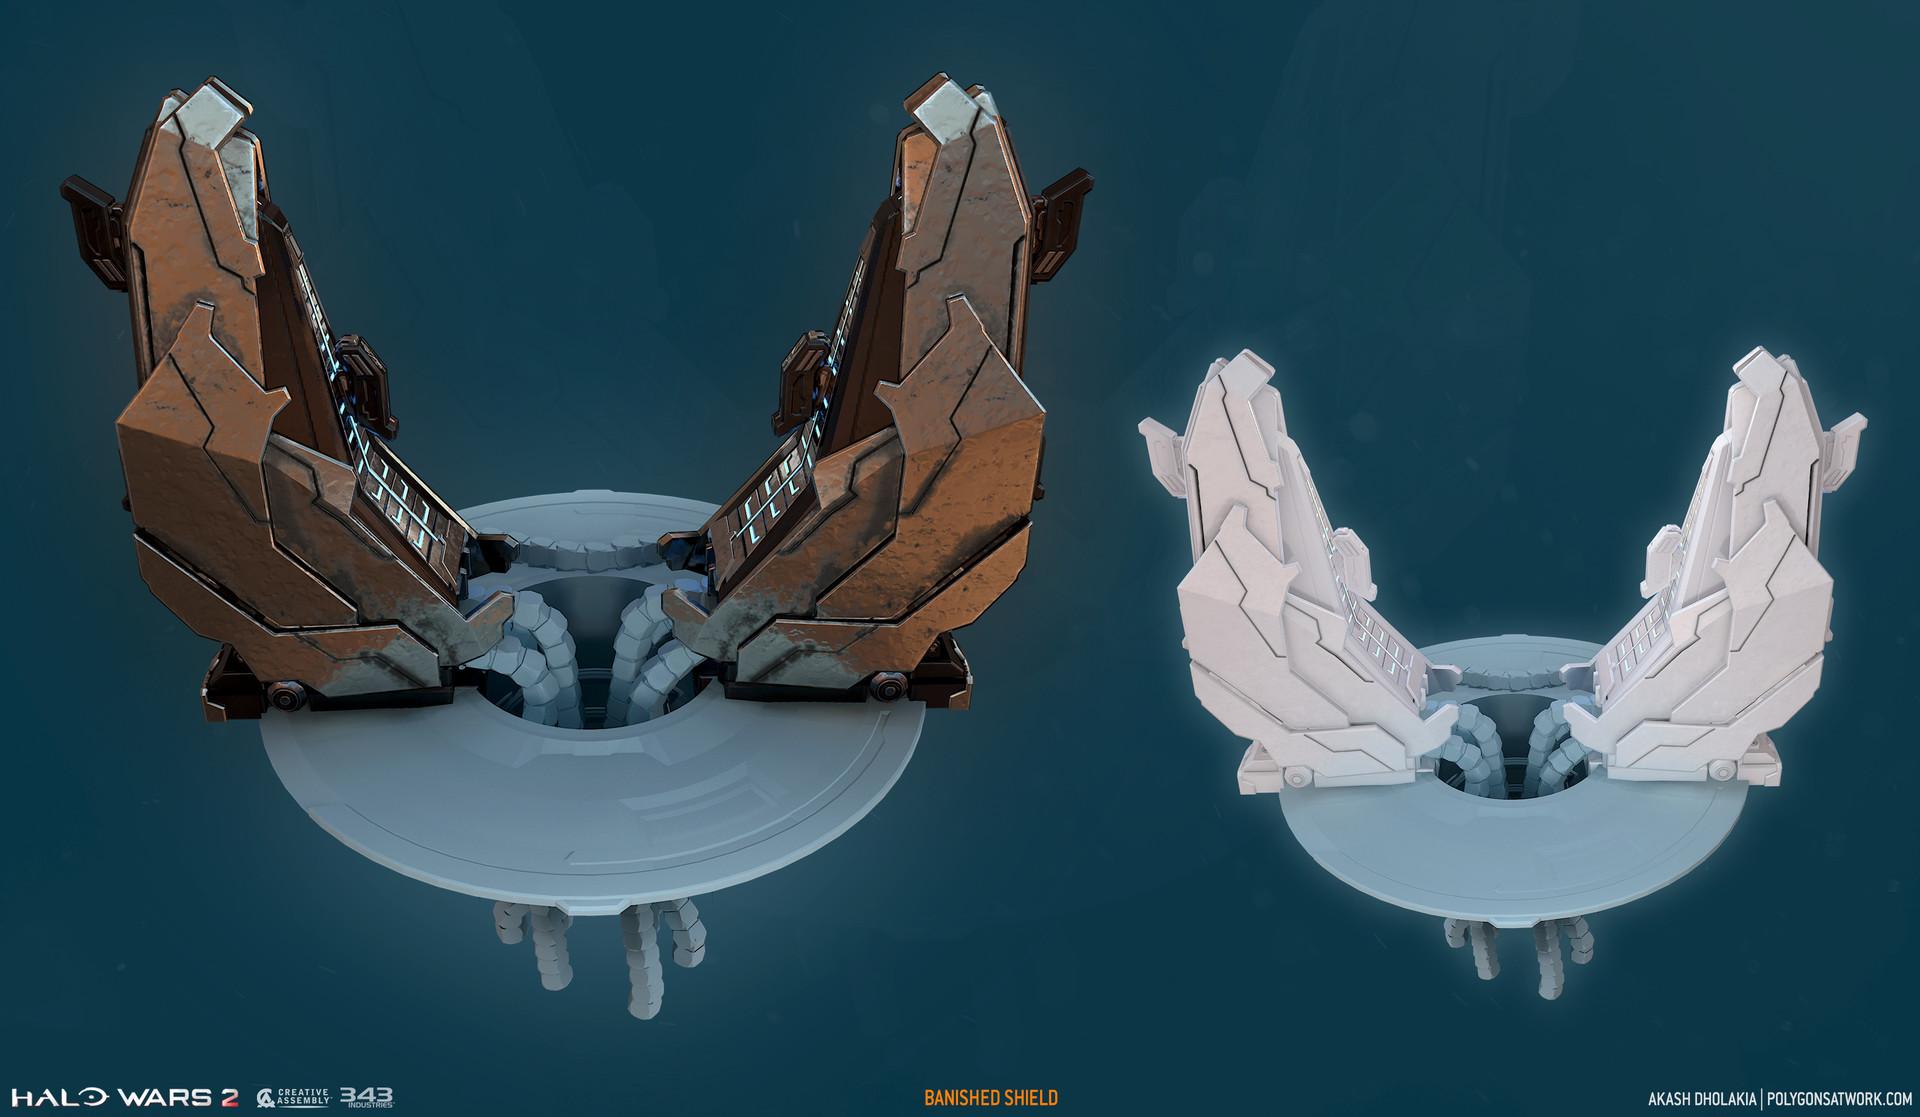 Akash dholakia halo wars 2 shield 01